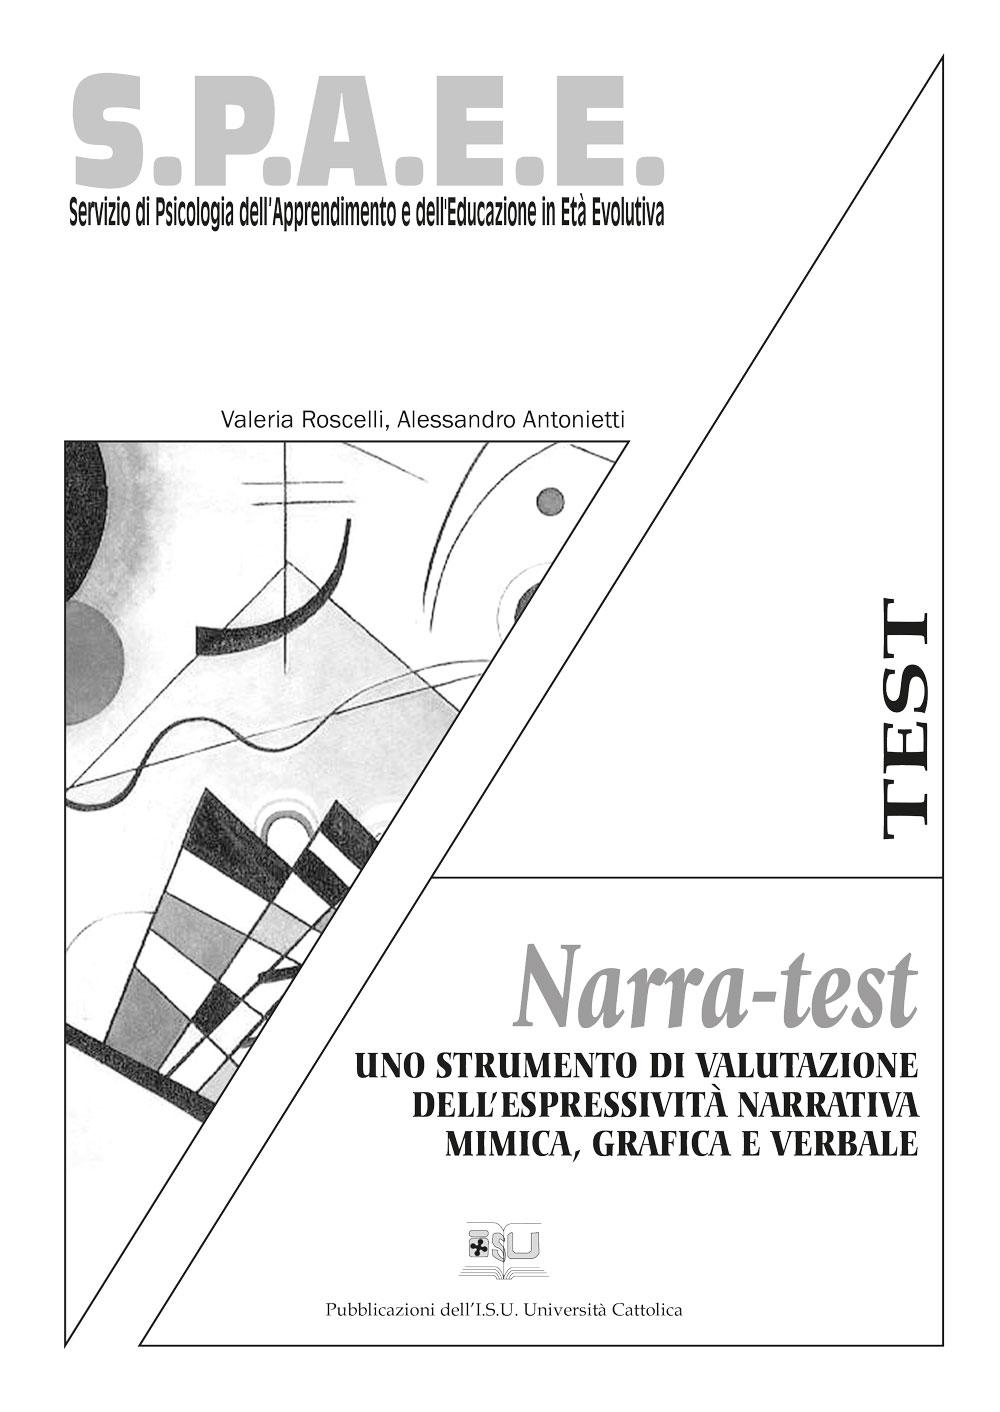 NARRA -TEST UNO STRUMENTO DI VALUTAZIONE. SPAEE TEST